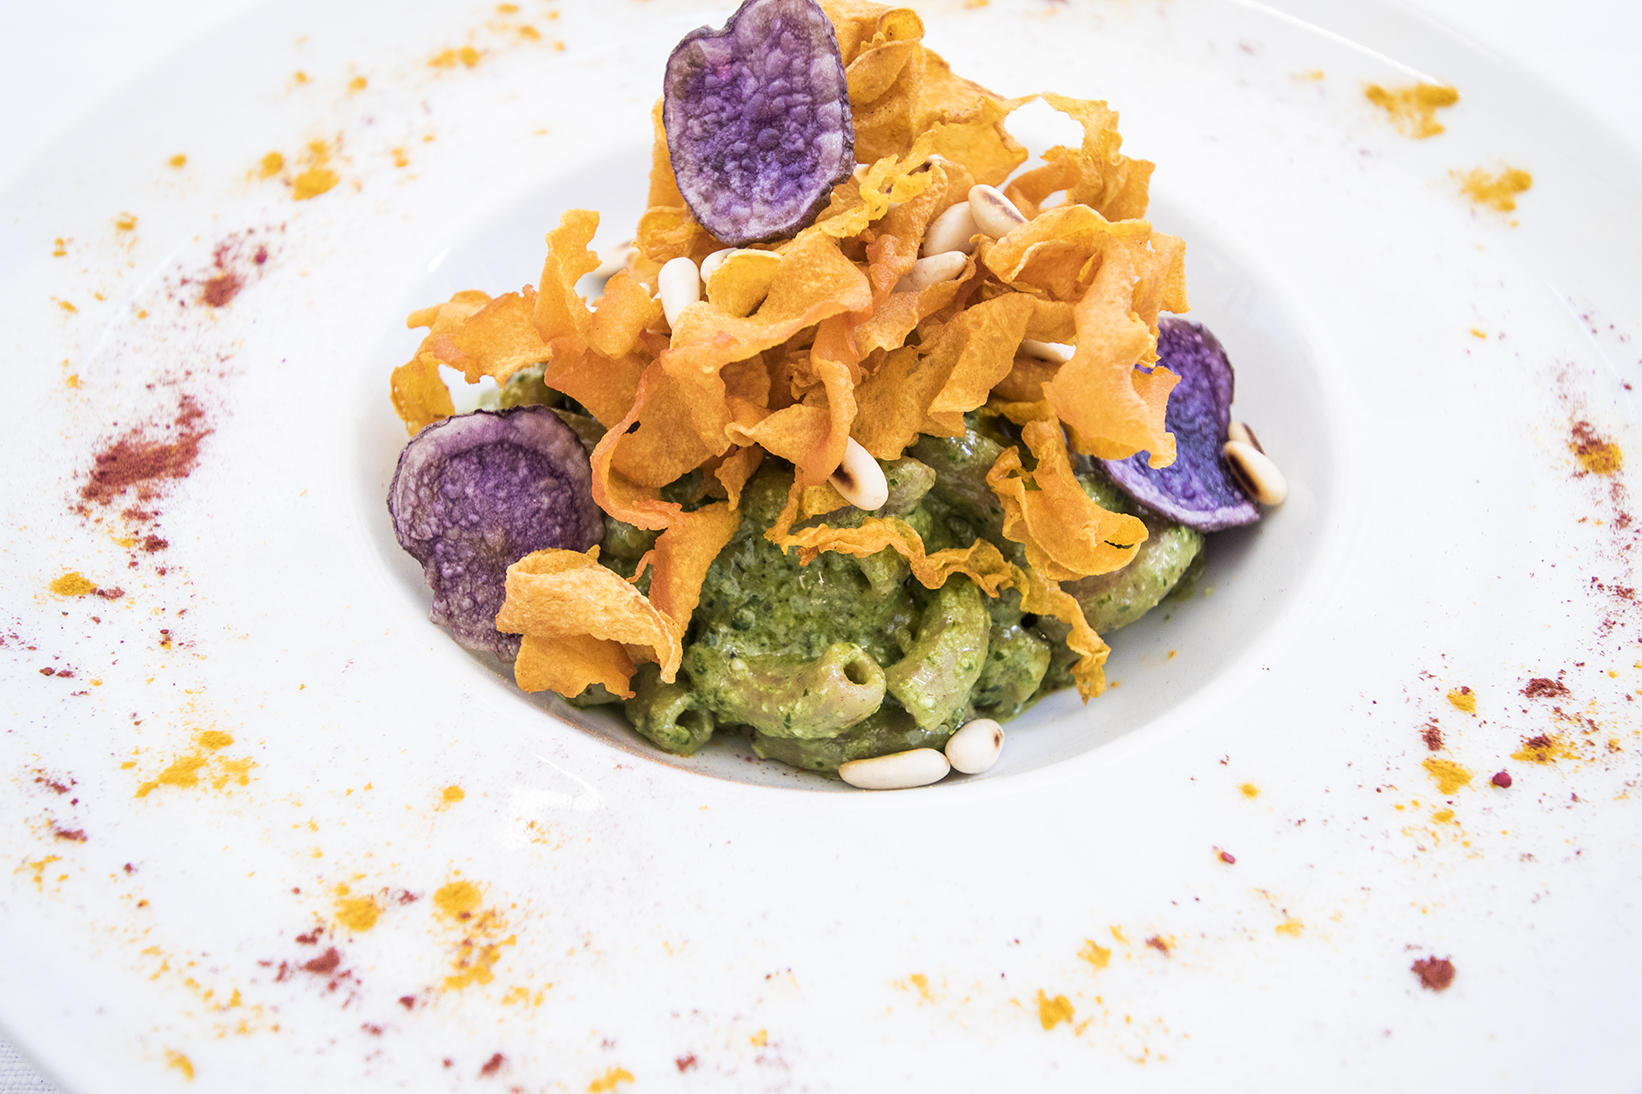 Maccheroncini con pesto, lievito, chips di patata viola